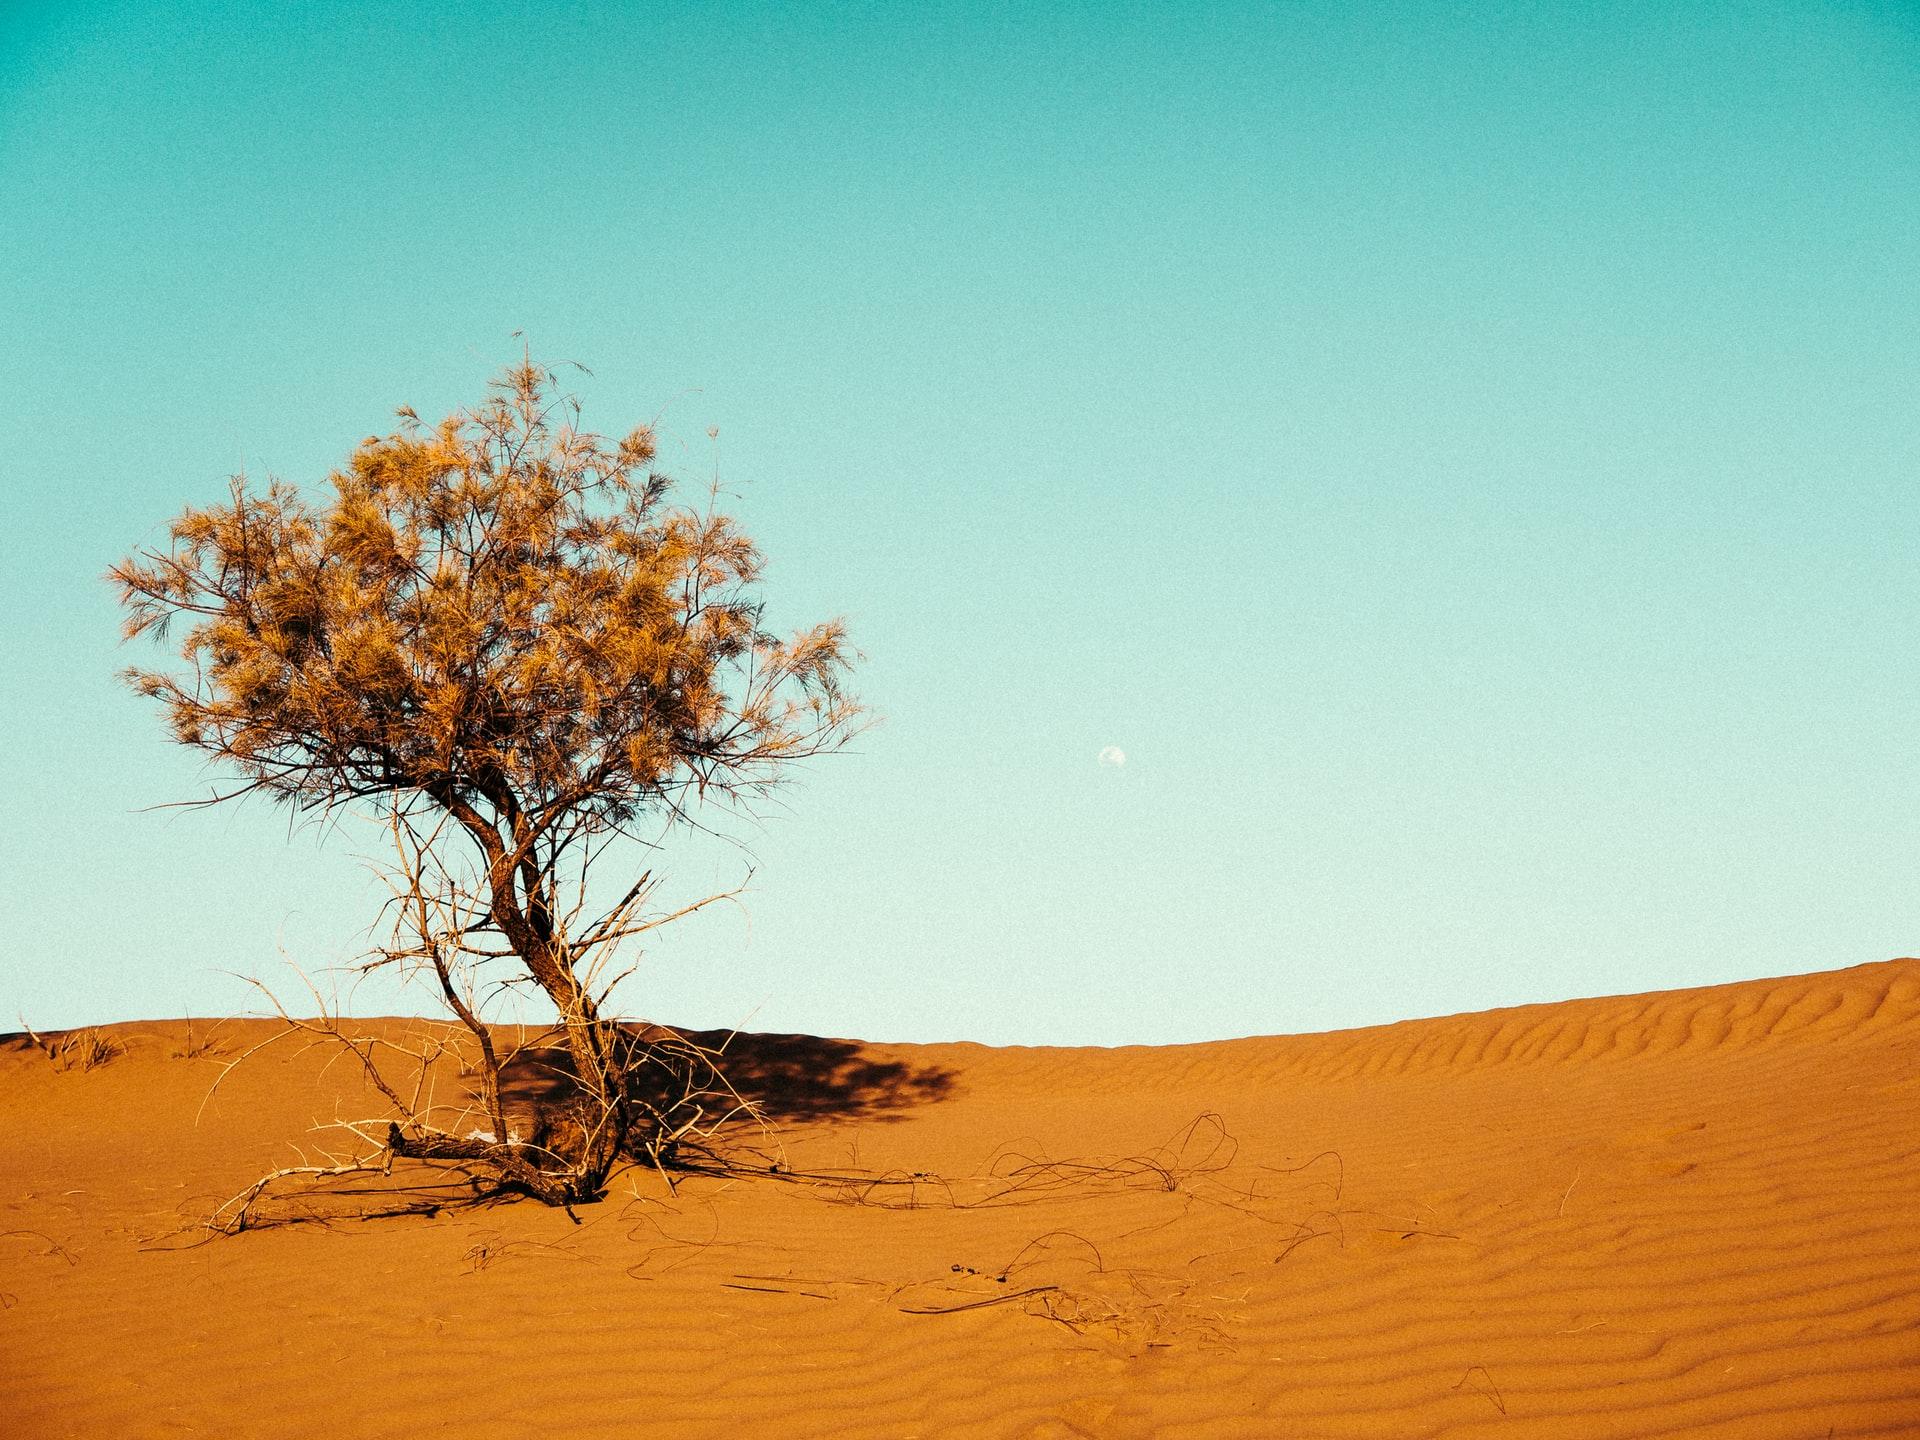 砂漠化による影響